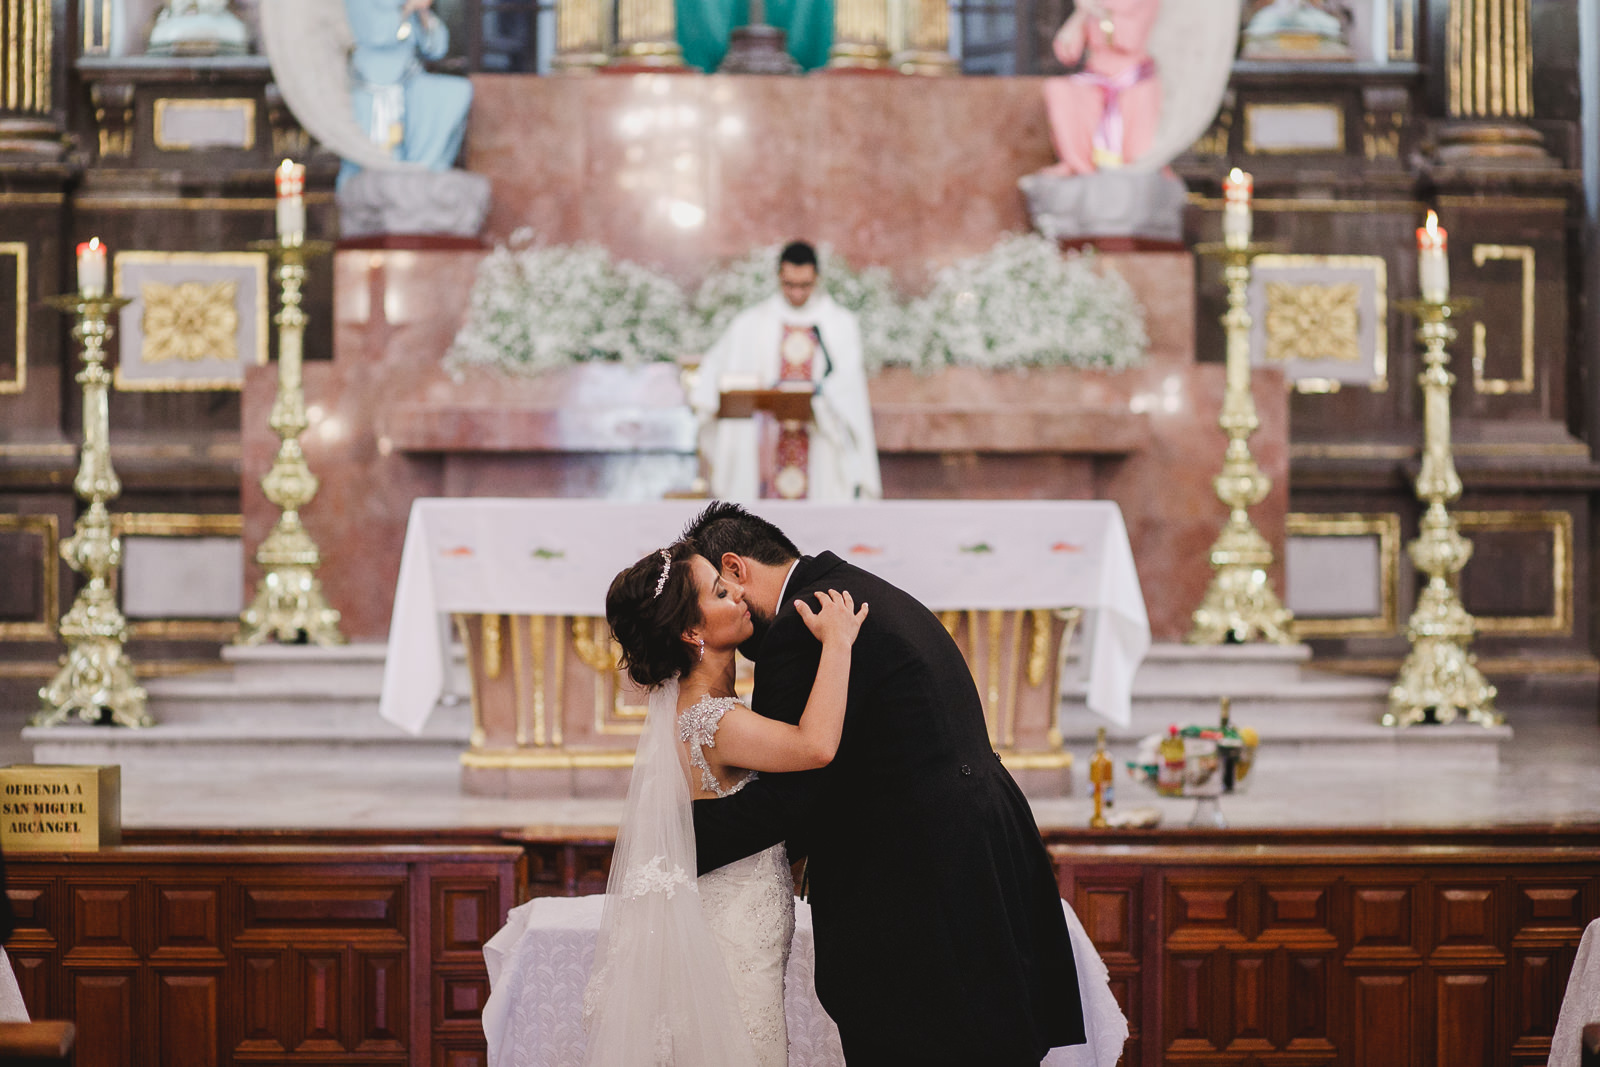 fotografo-de-bodas-san-miguel-de-allende-042